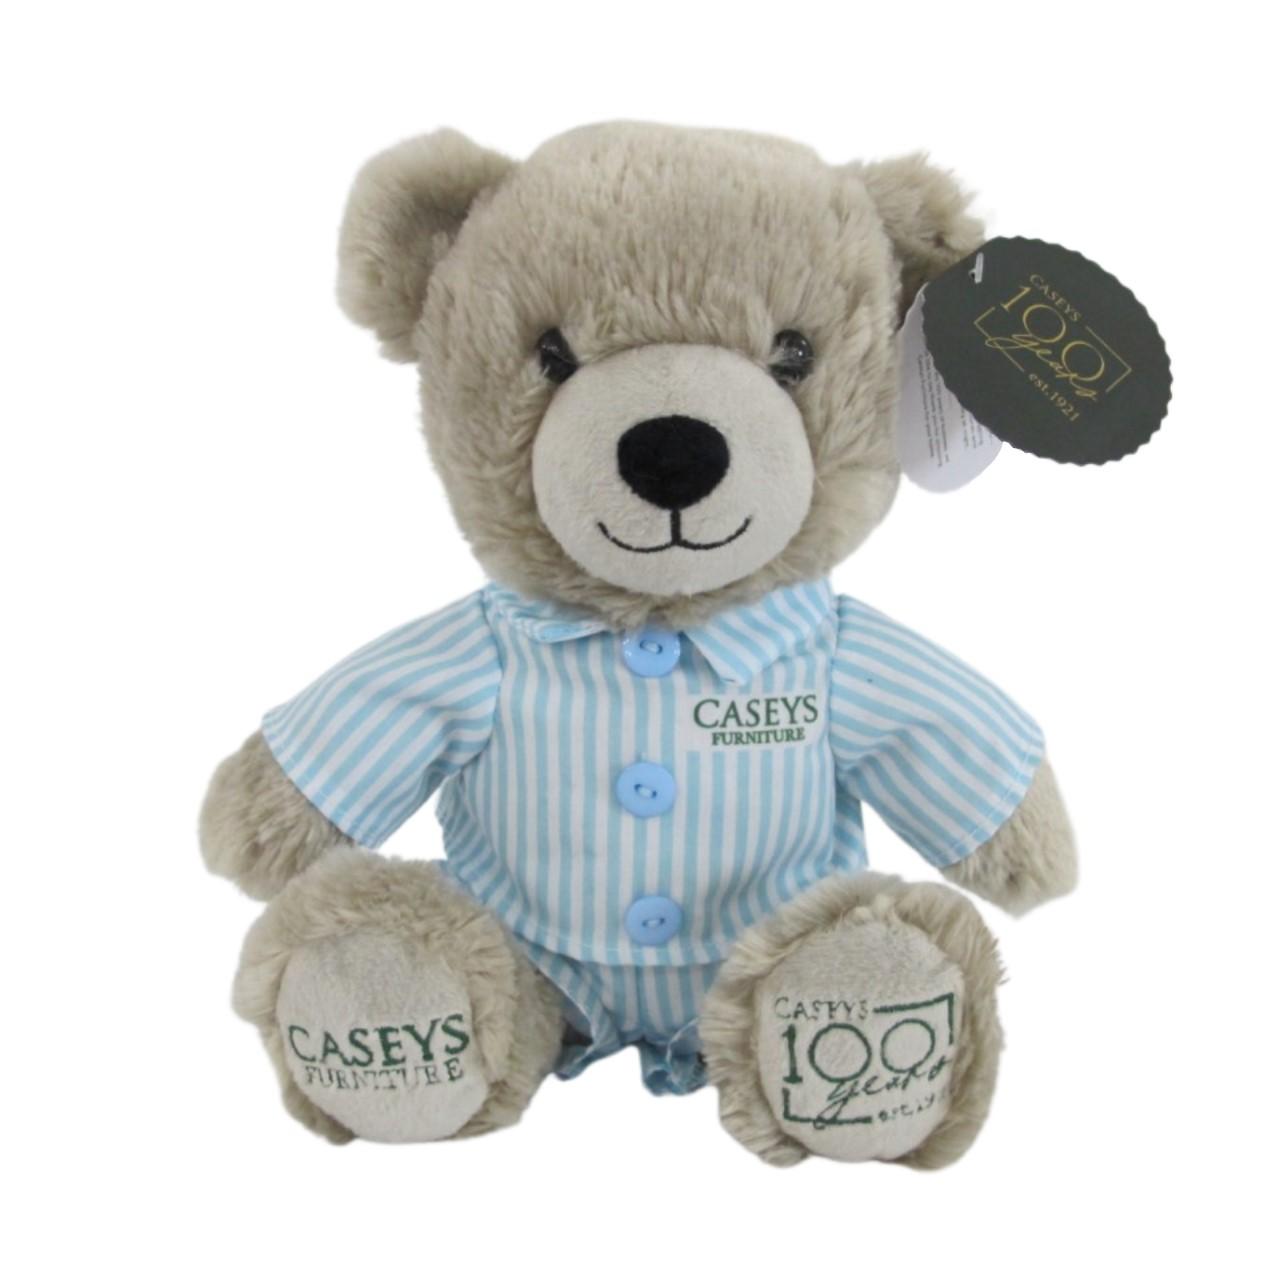 Casey the Bear